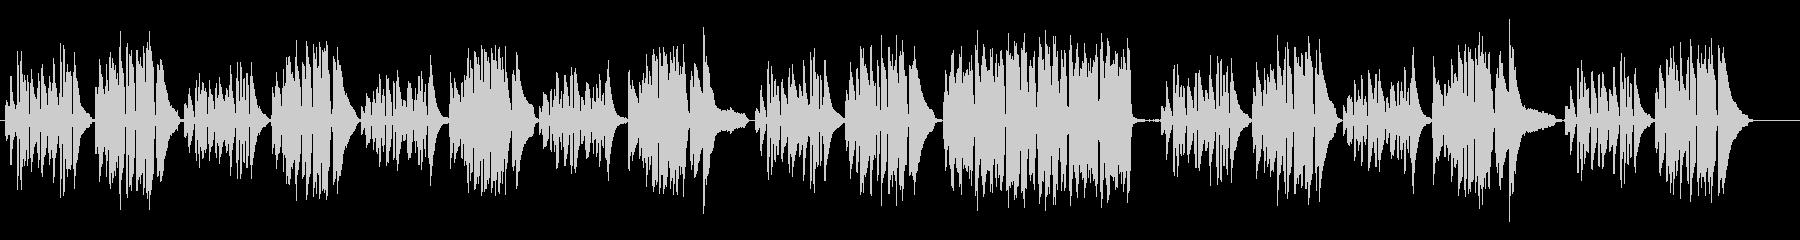 不安な雰囲気のピアノソロクラシックの未再生の波形